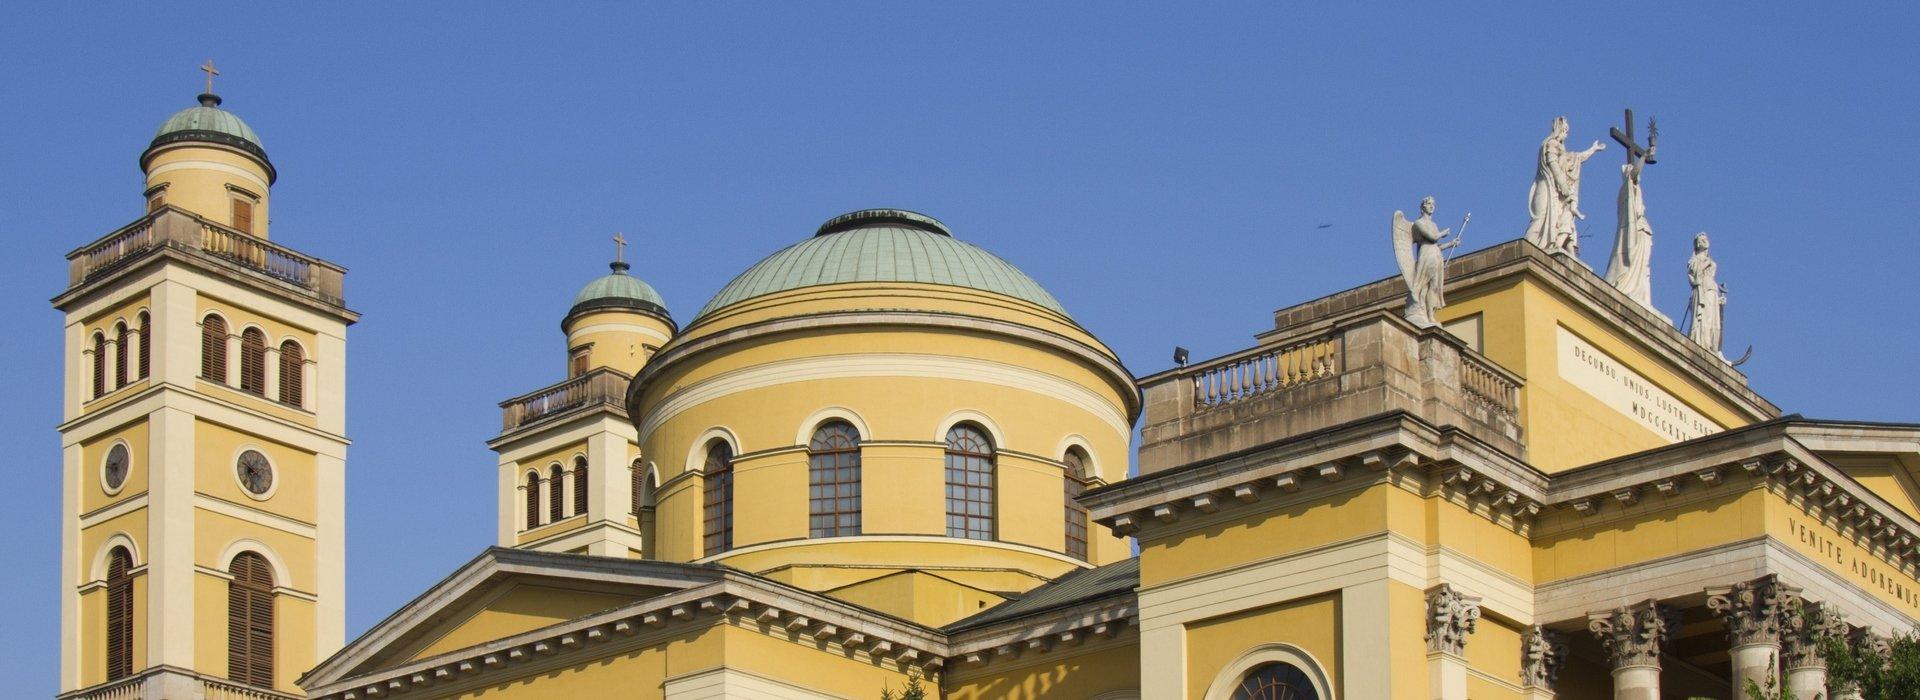 Vitkovics Haus